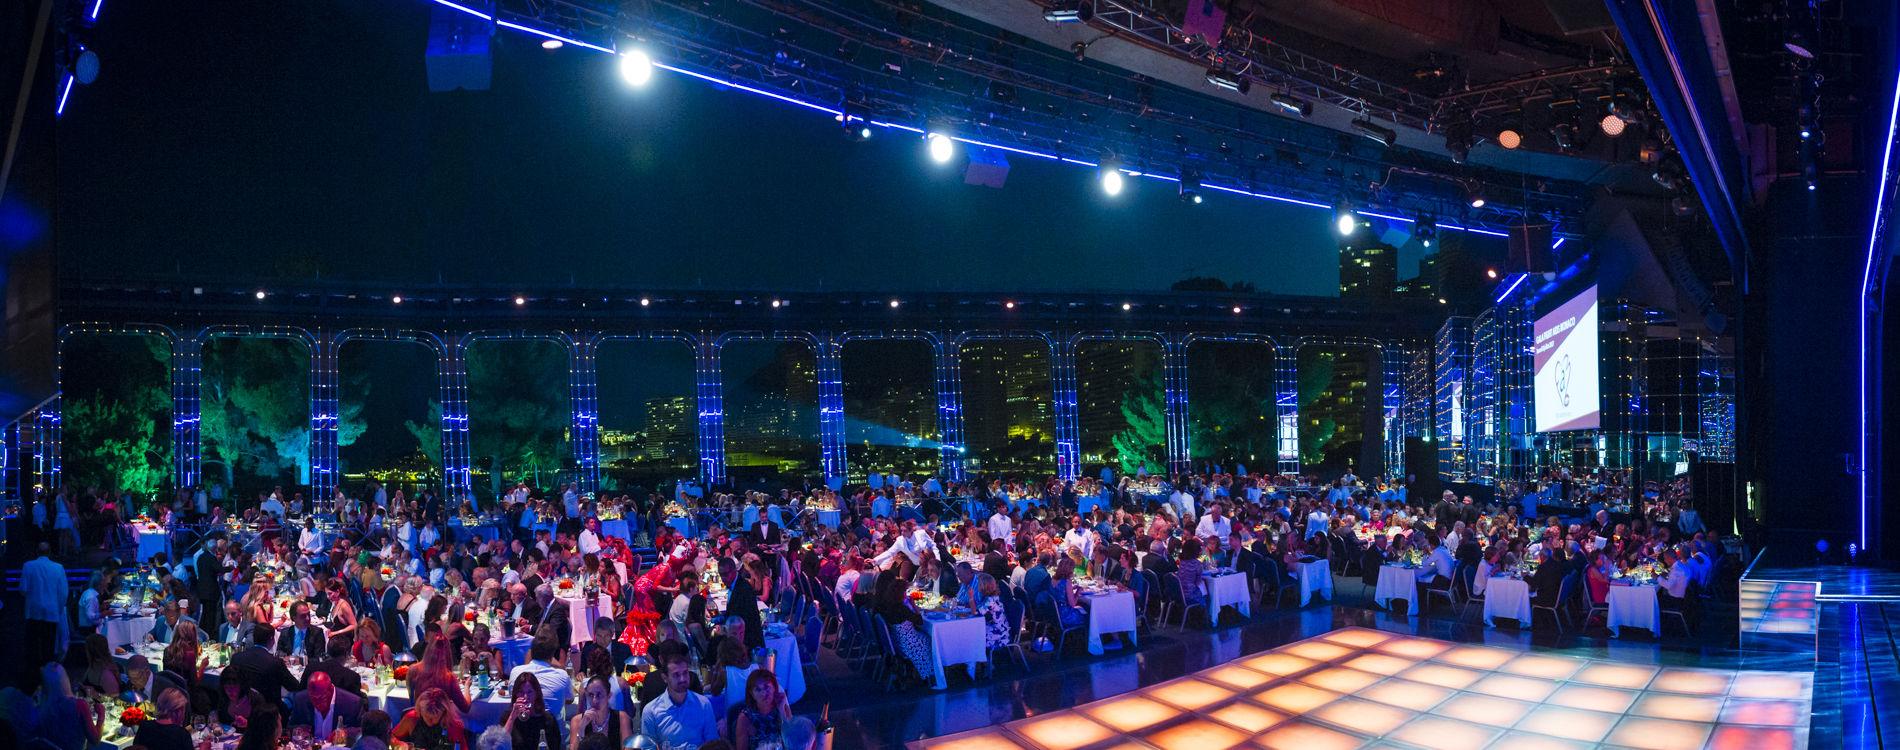 Sporting - Salles des Etoiles - Evènement Spécial - Gala